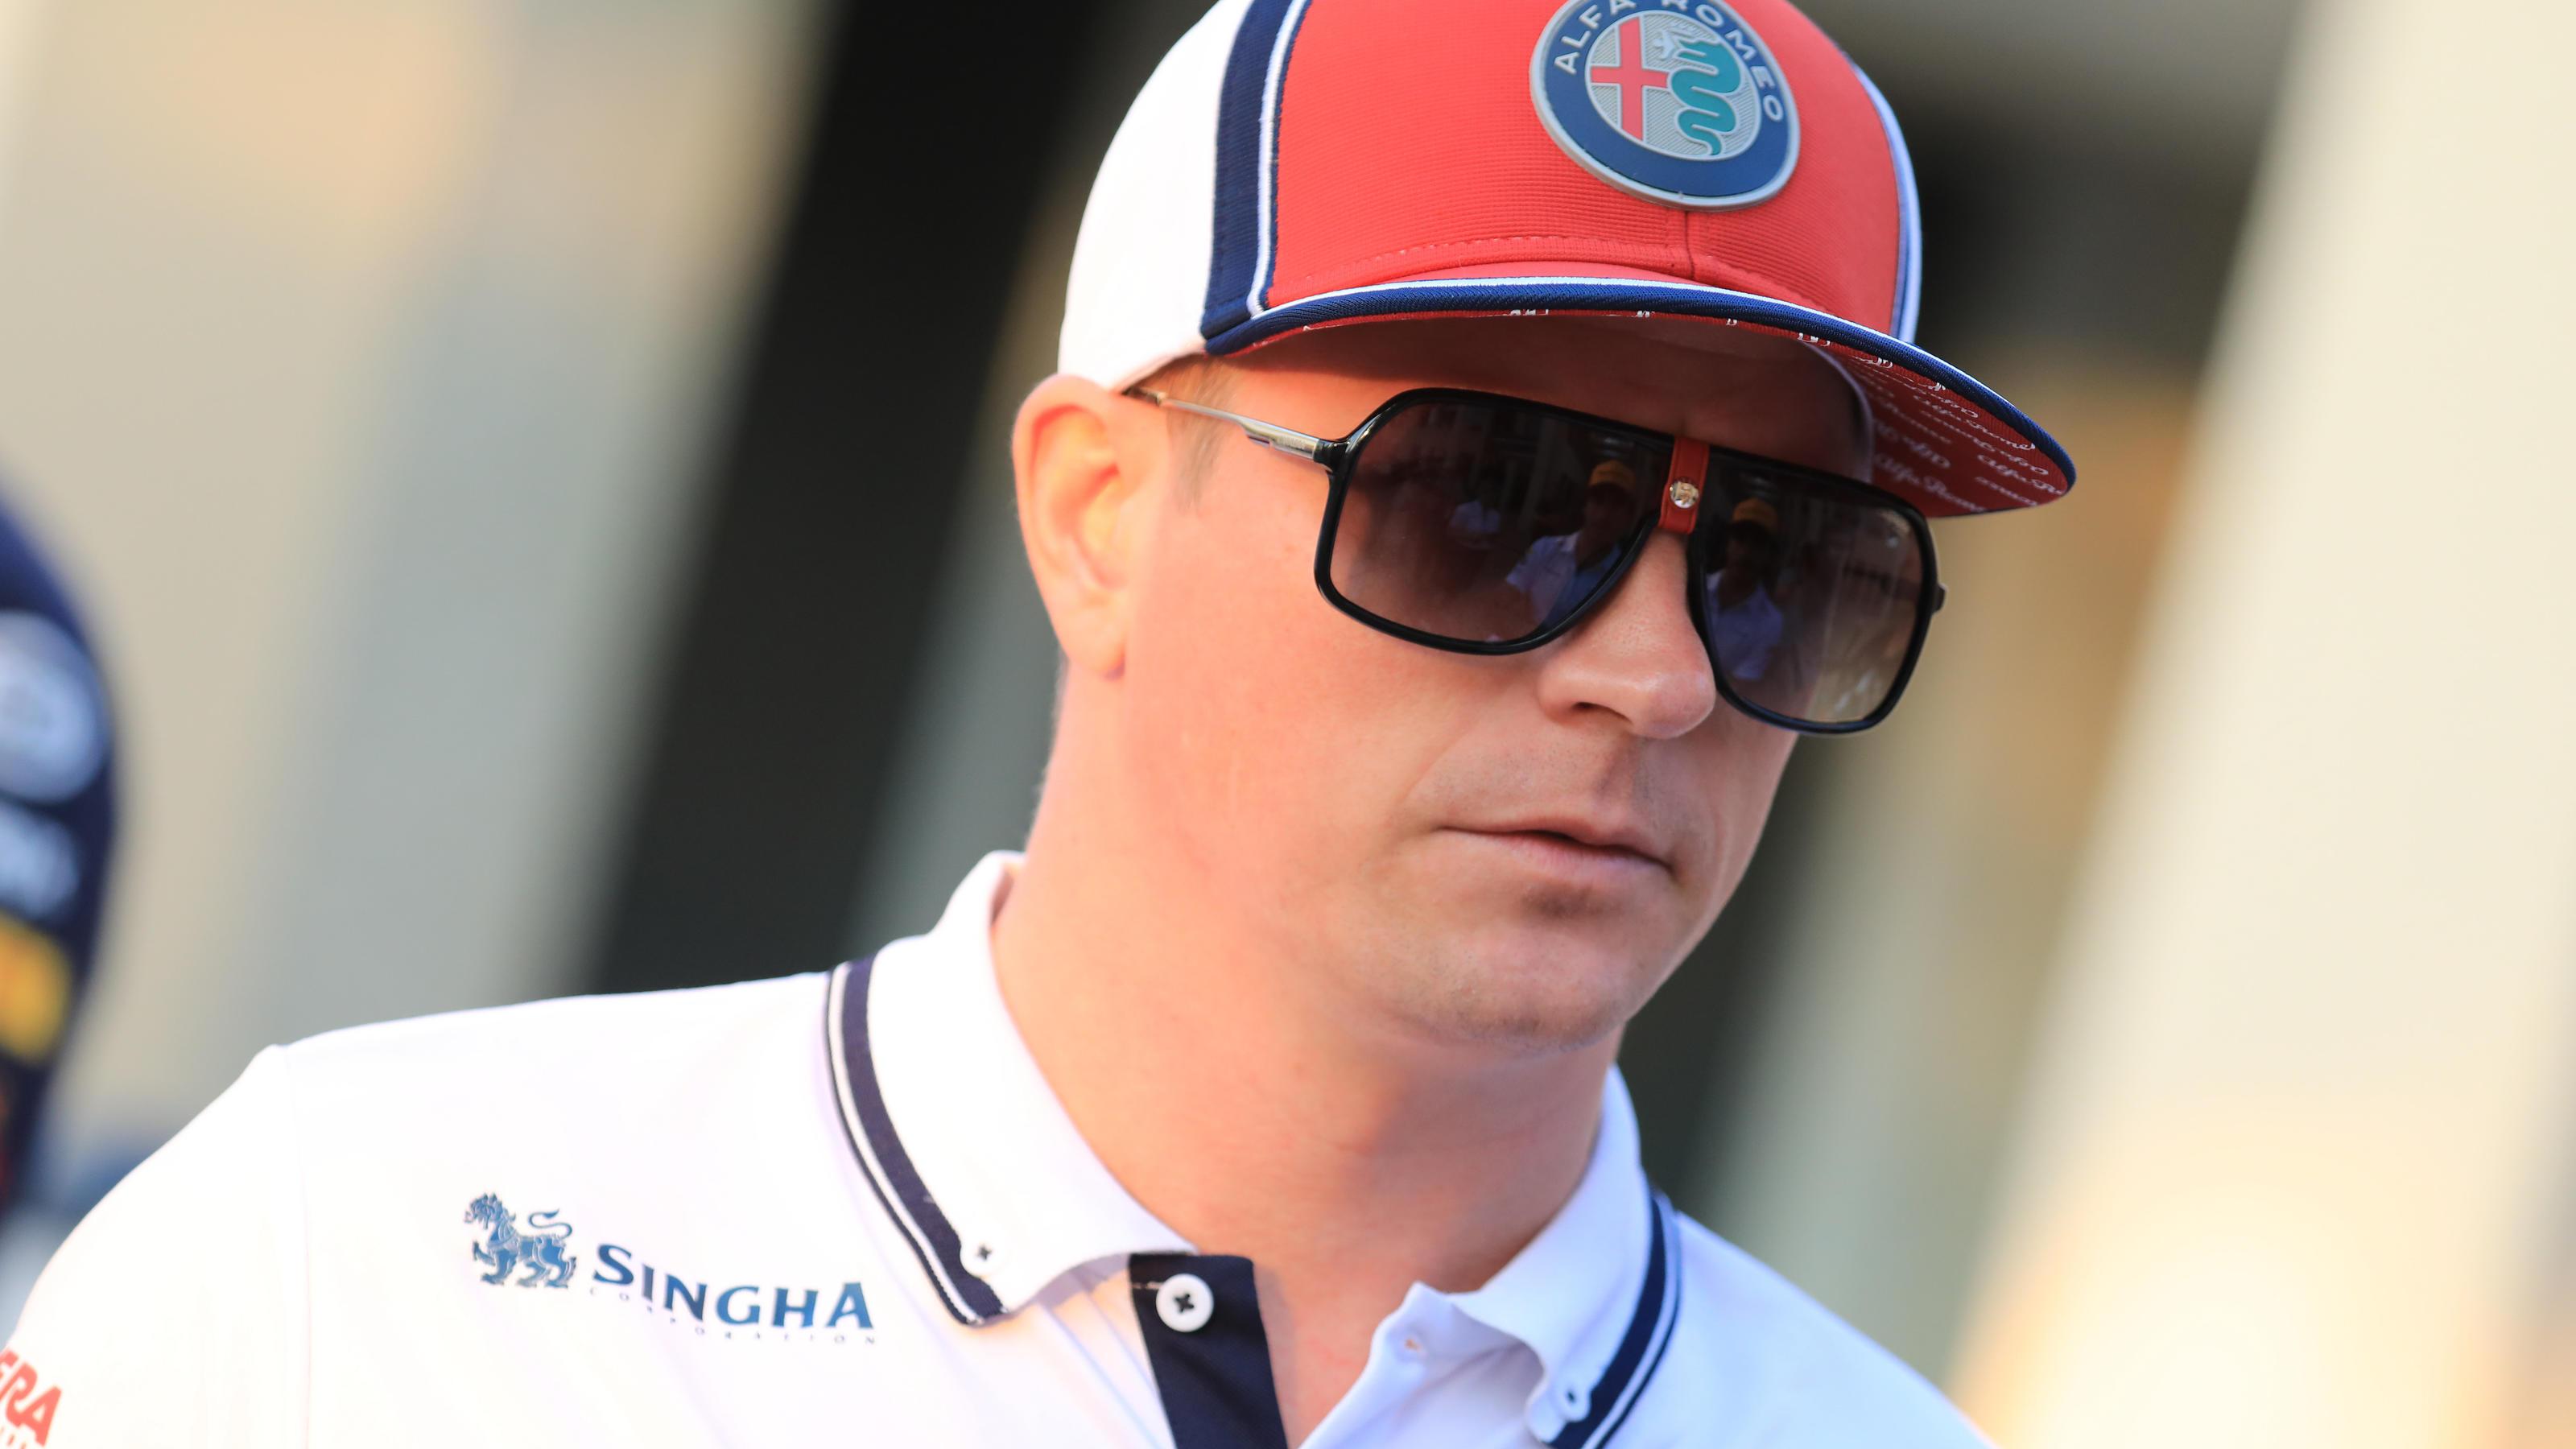 Russland-GP: Kimi Räikkönen stellt Barrichello-Rekord ein - Carlos...